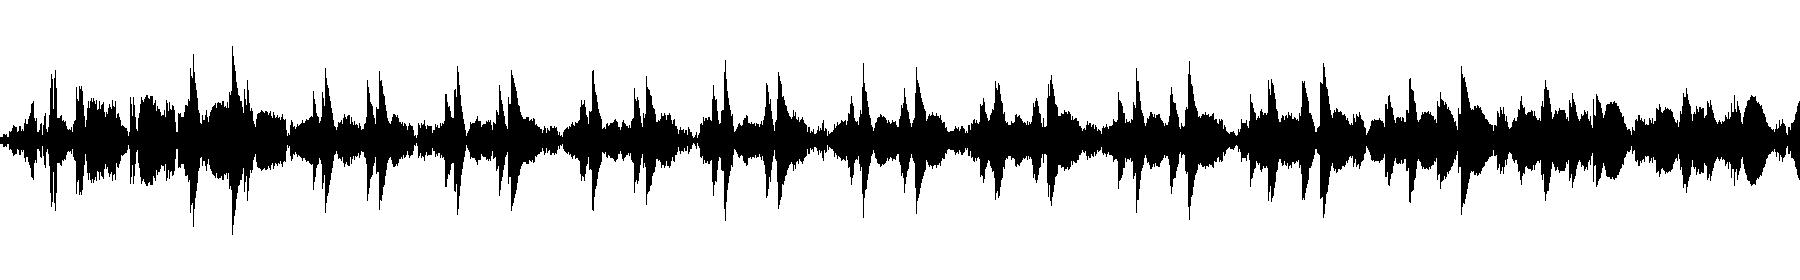 veh2 synths   138 c